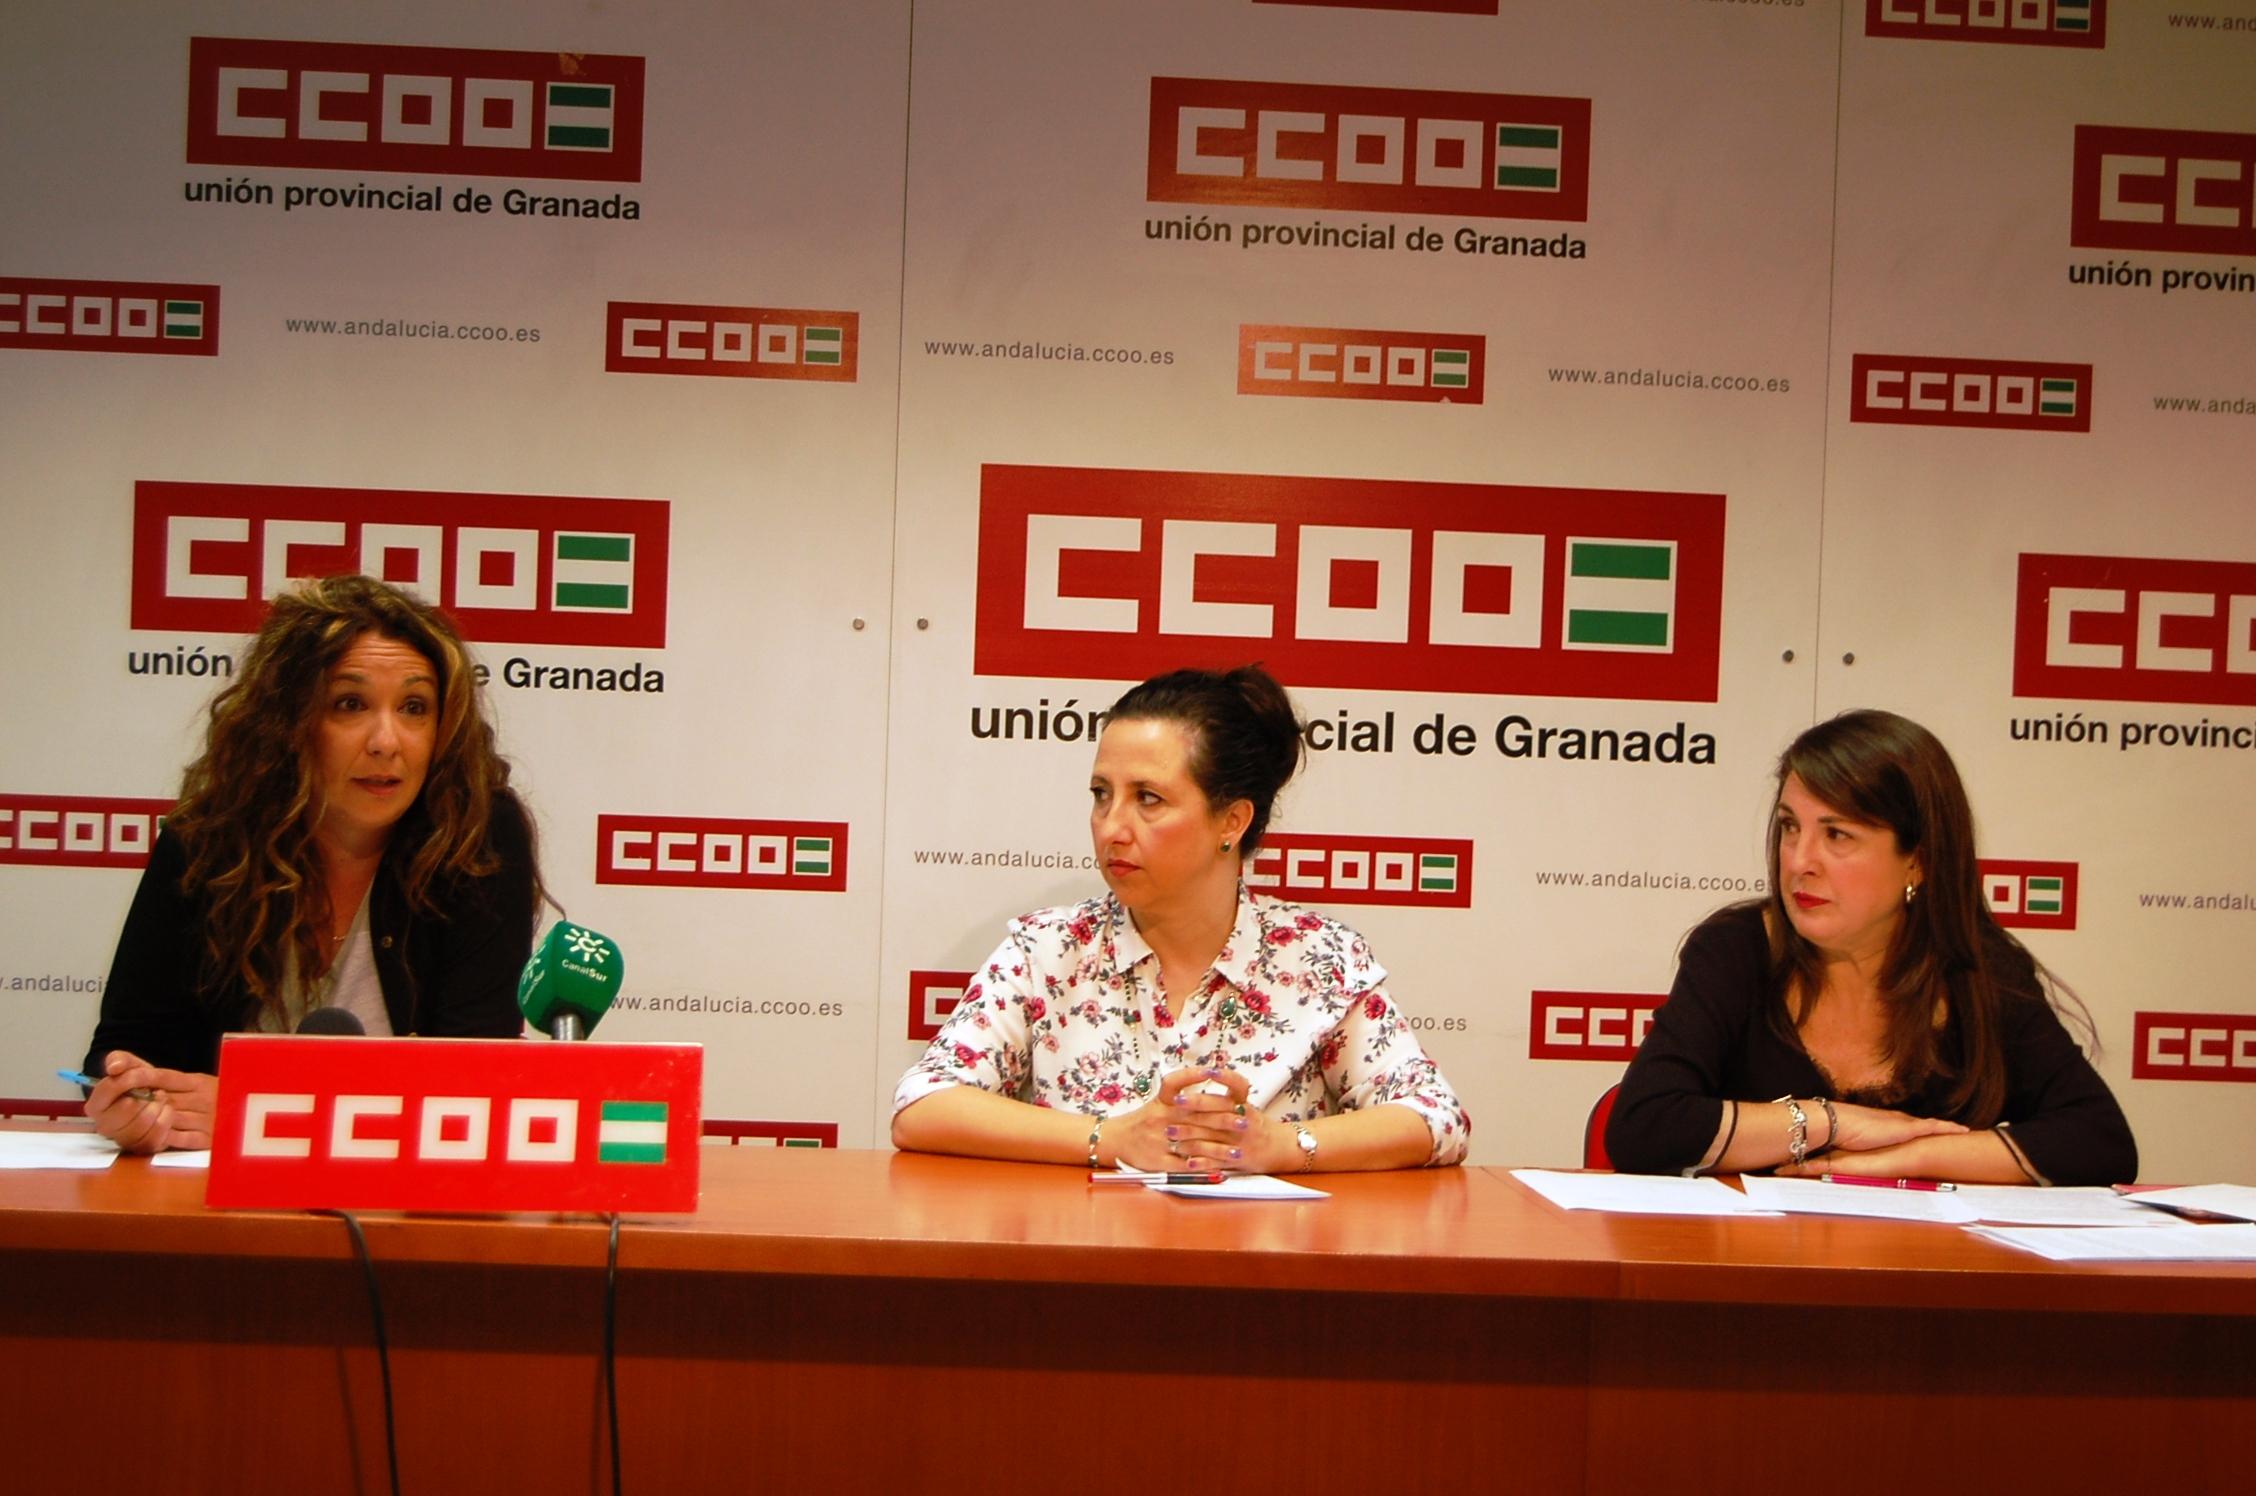 CCOO denuncia las condiciones laborales en el primer ciclo de Educación Infantil